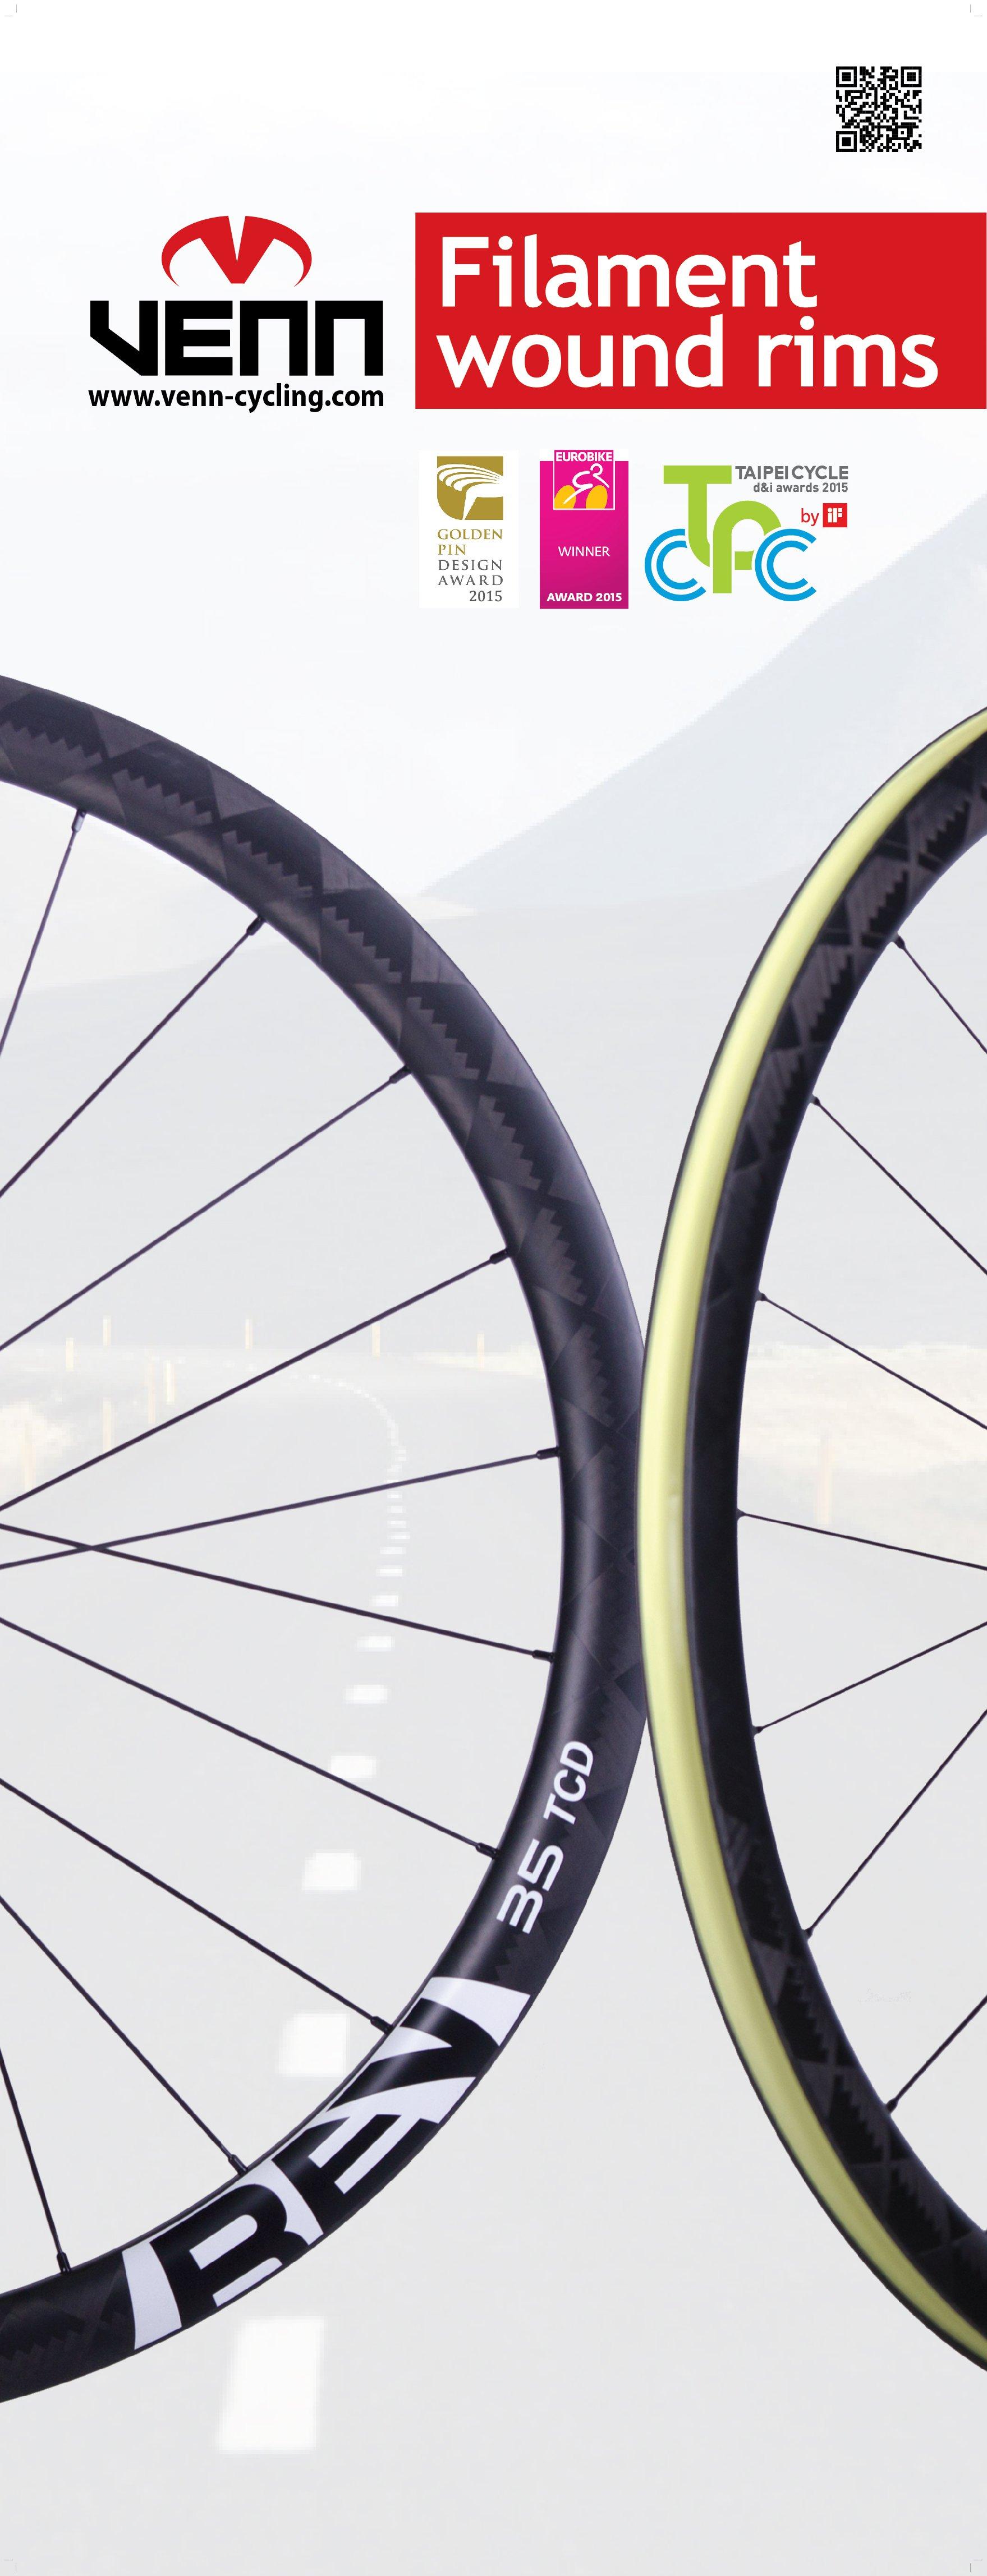 Venn REV Carbon wheels winner of many awards.